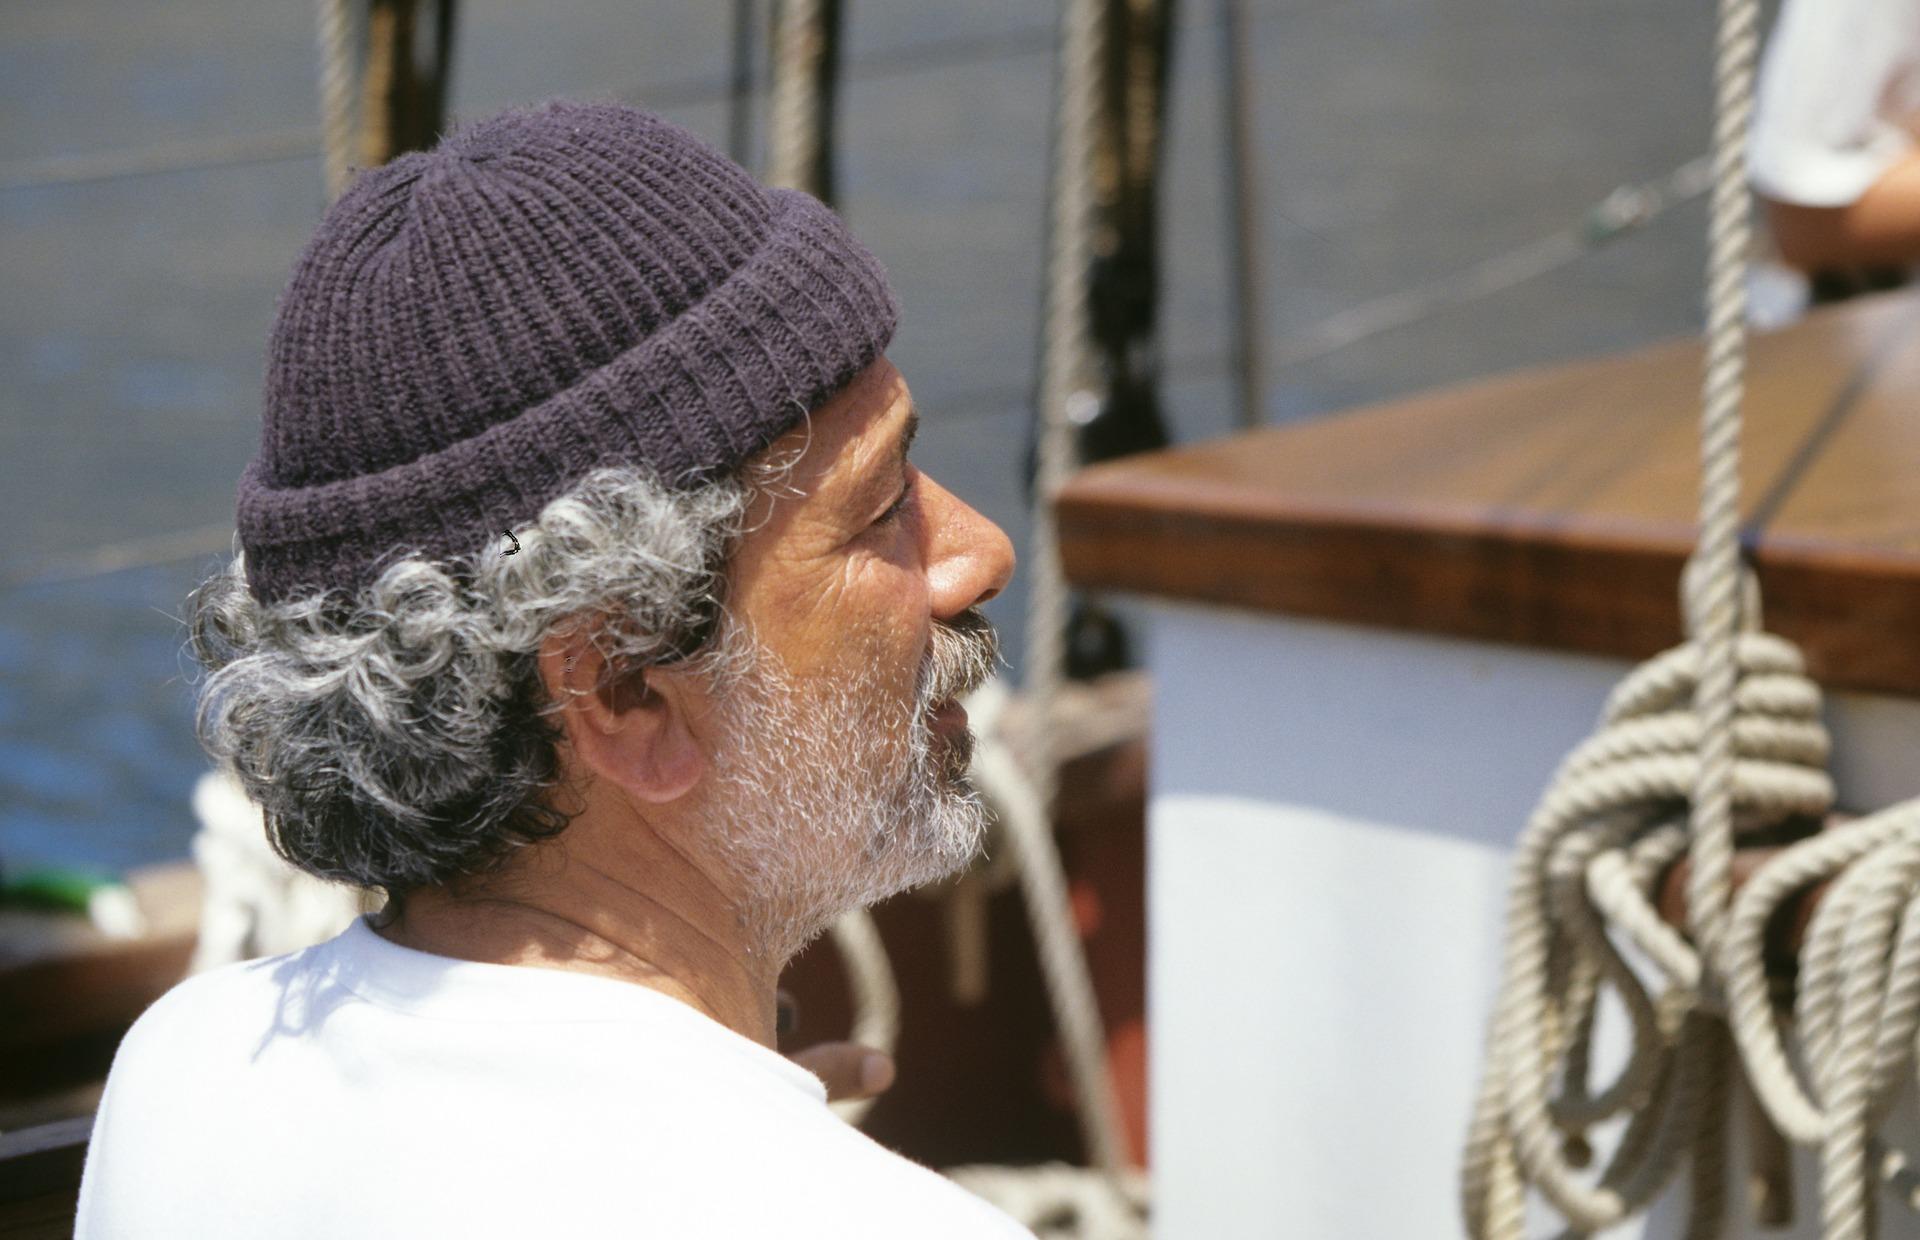 Storie di mare: torna a casa dopo quattro anni passati in solitaria su una nave.